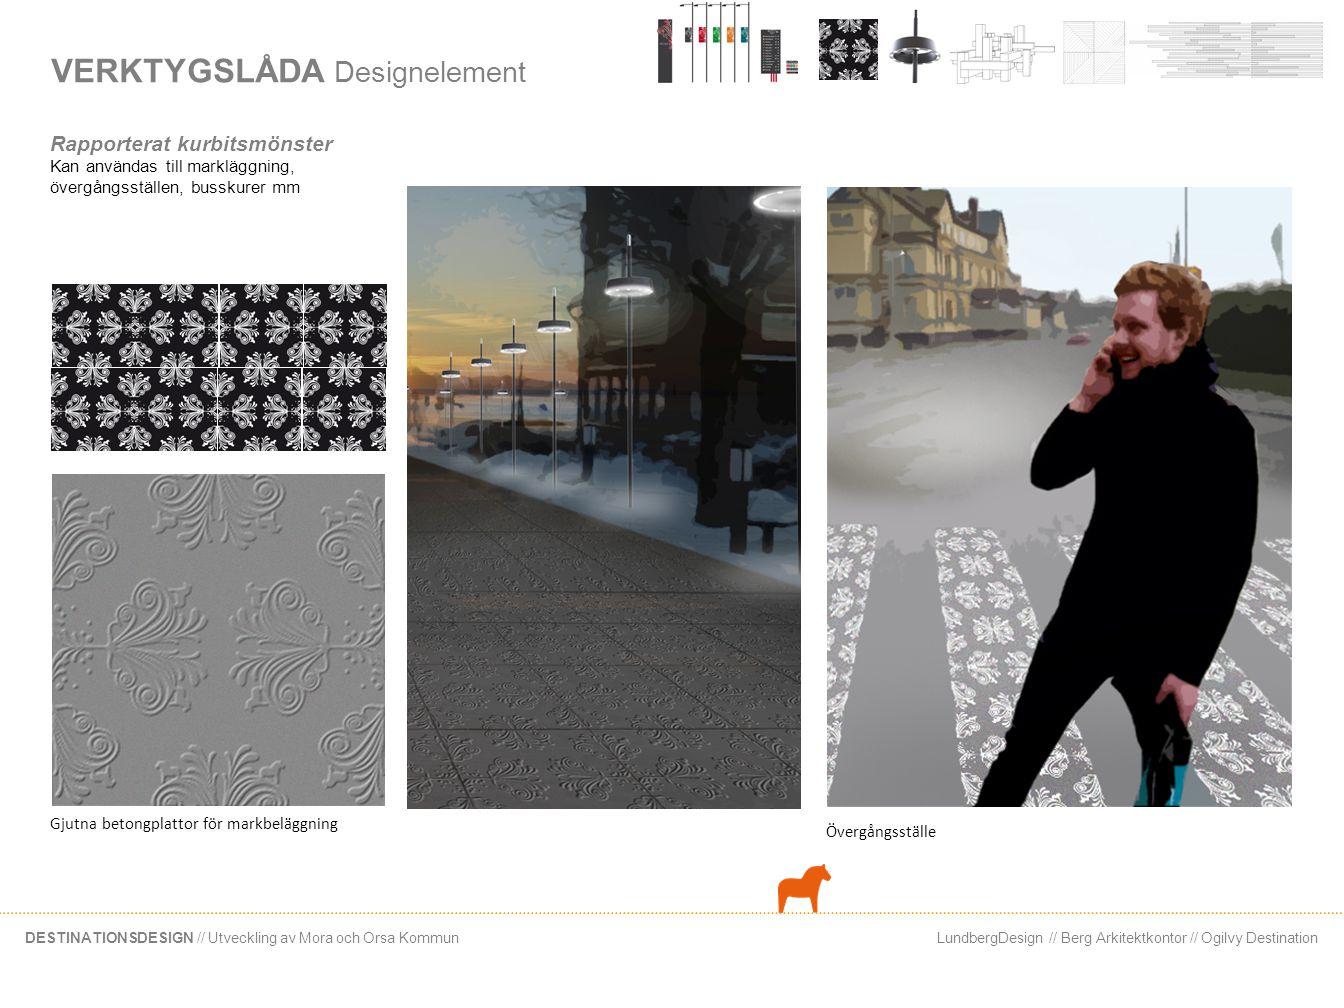 LundbergDesign // Berg Arkitektkontor // Ogilvy DestinationDESTINATIONSDESIGN // Utveckling av Mora och Orsa Kommun VERKTYGSLÅDA Belysningsarmatur Inspirerat av midsommar Belysningsarmaturen som kan vara ett upprepande element i Siljan, hämtar inspiration från Siljans alla midsommarstänger.